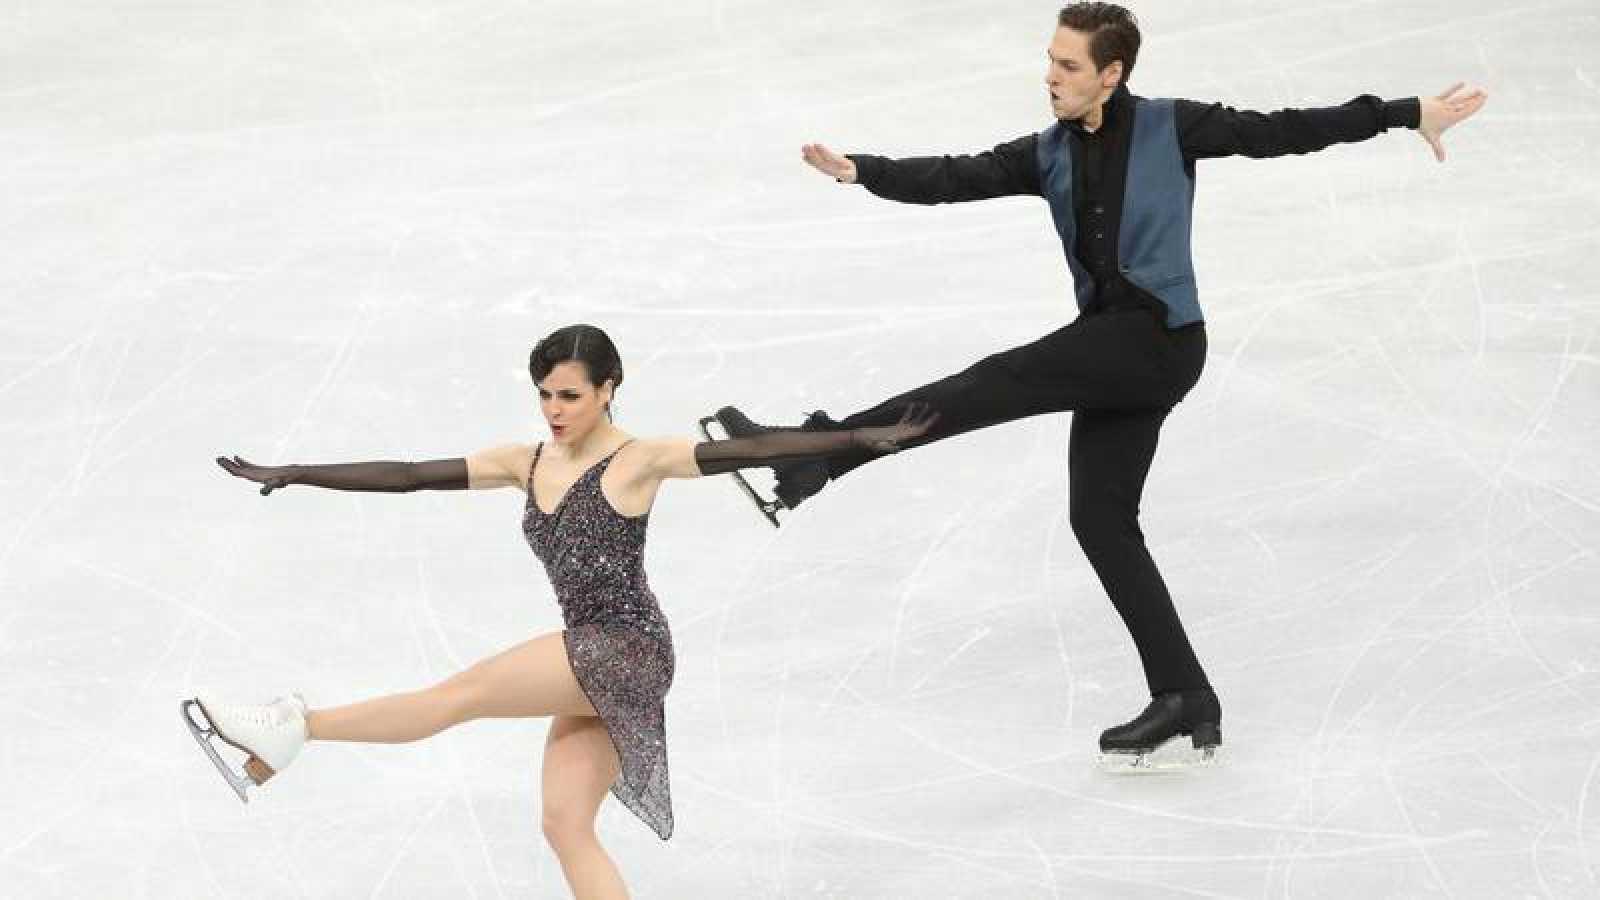 El patinaje español inicia  la era post Javier Fernández en el Mundial de Saitama